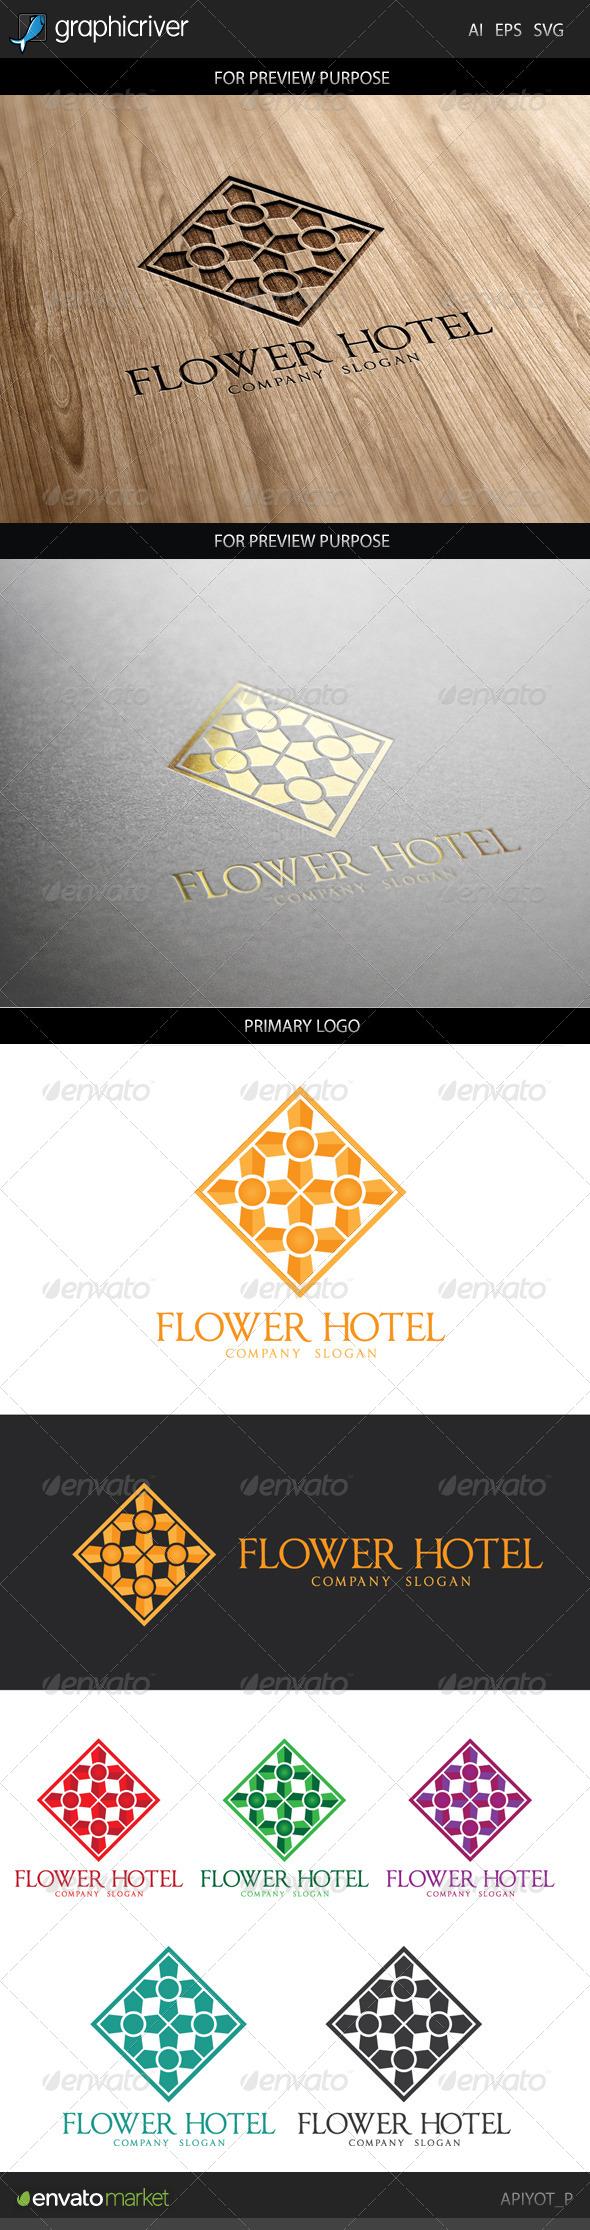 Flower Hotel Logo